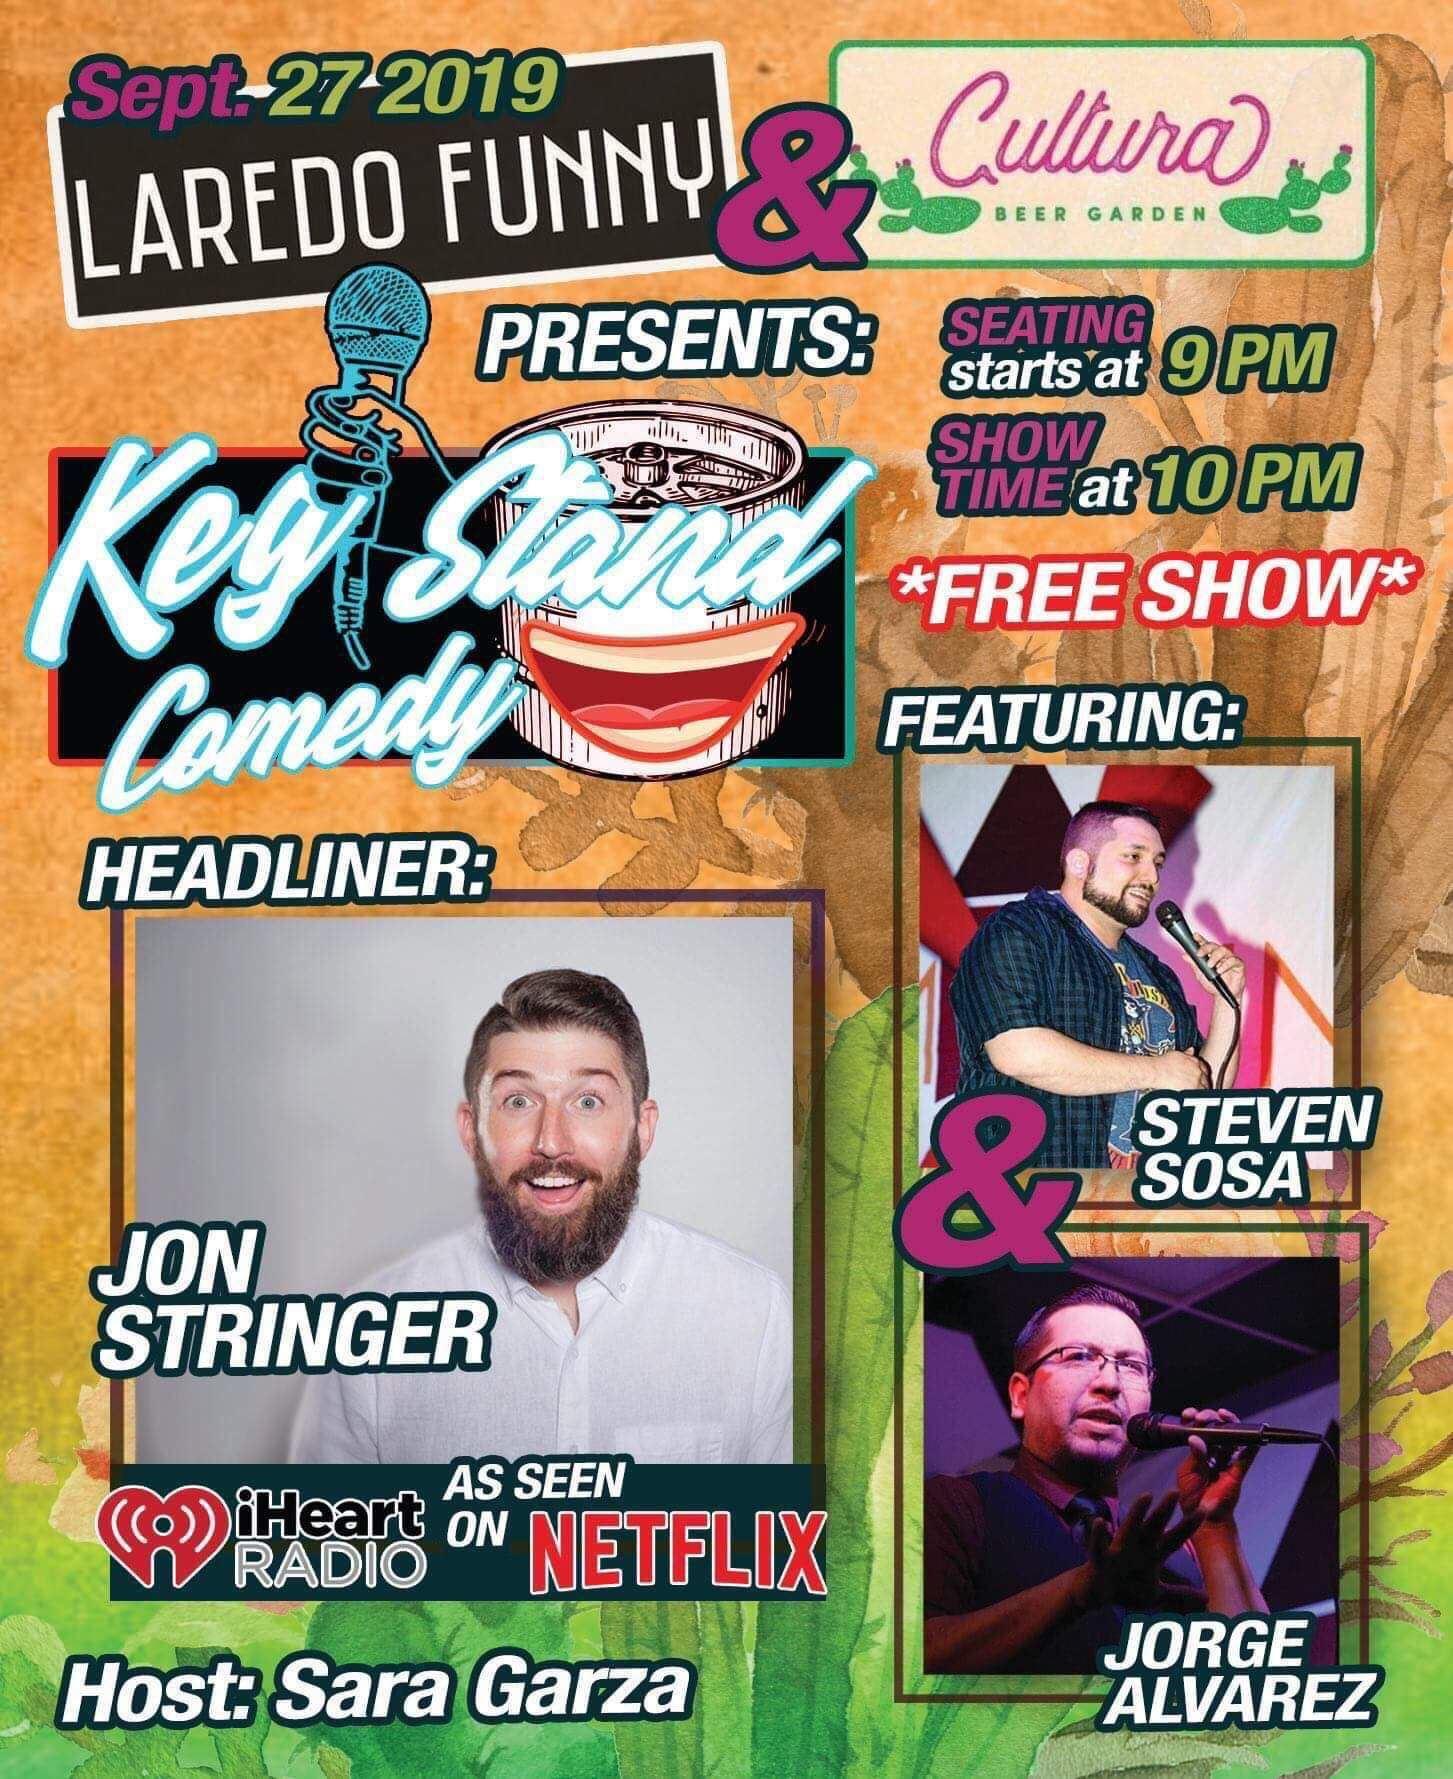 Laredo Funny/Cultura Beer Garden Present Kegstand Comedy